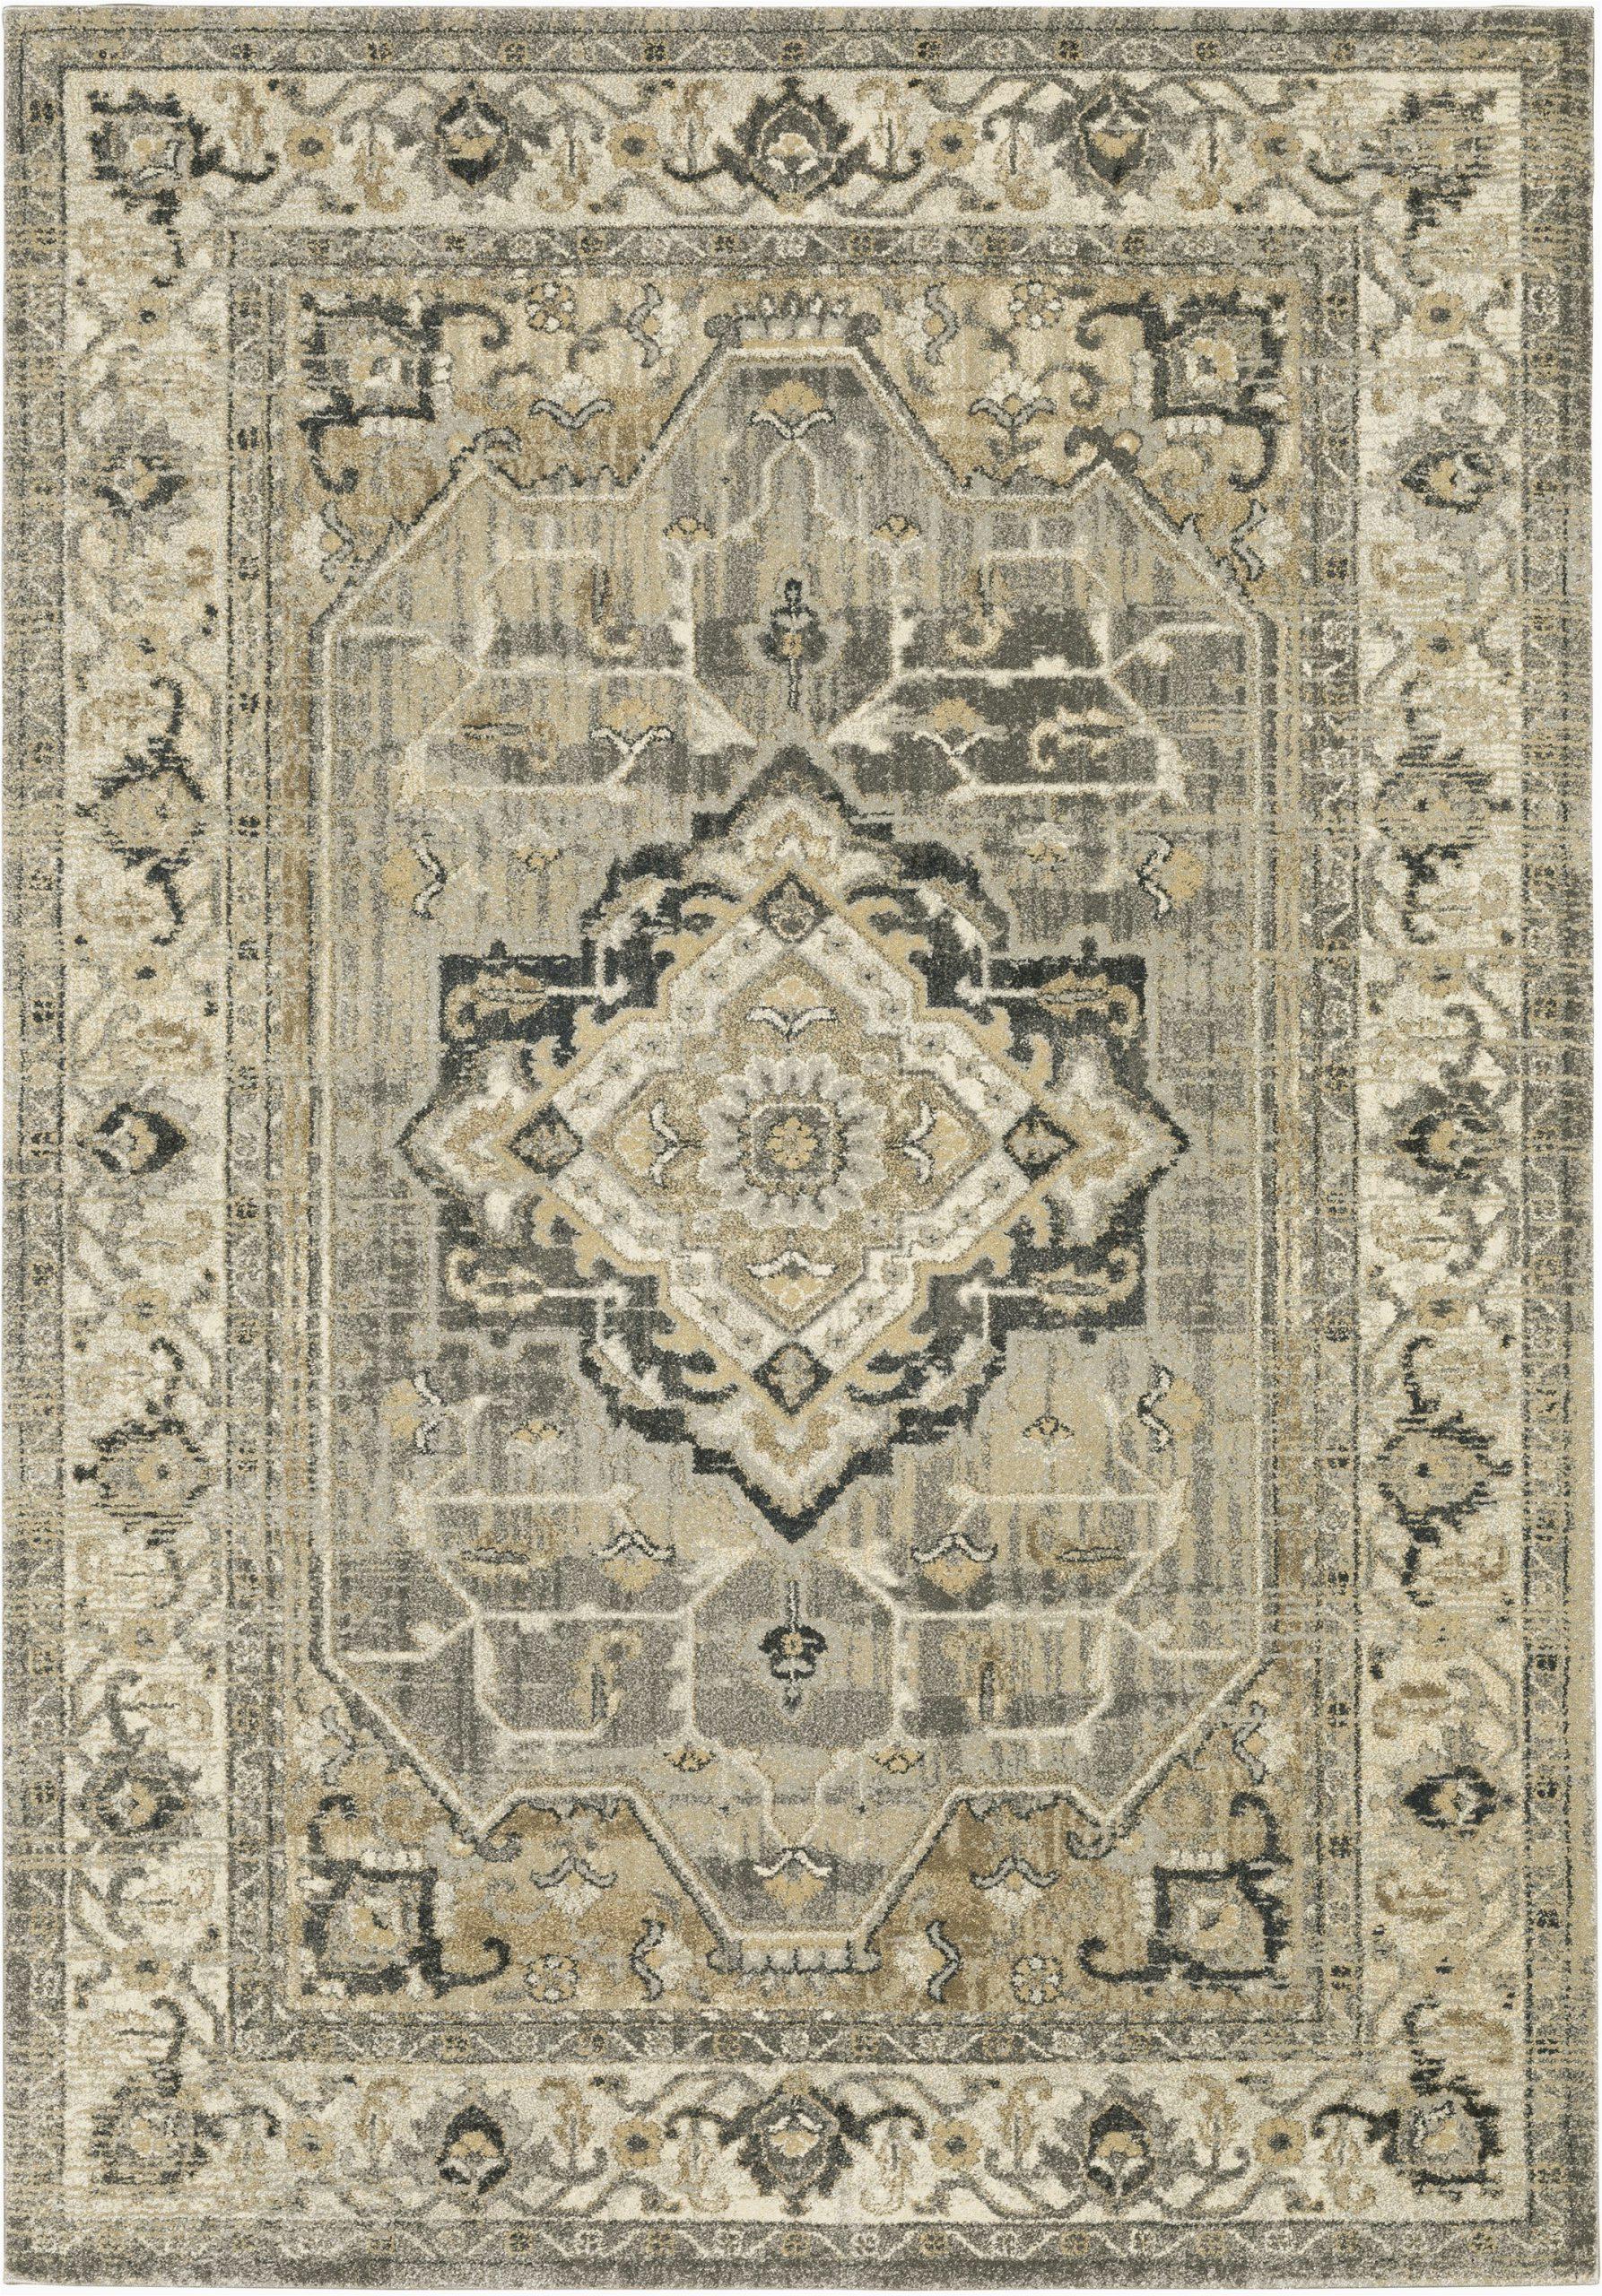 Area Rugs Green Bay Wi oriental Weavers Floor Coverings Florence 1805x Rug Wenz